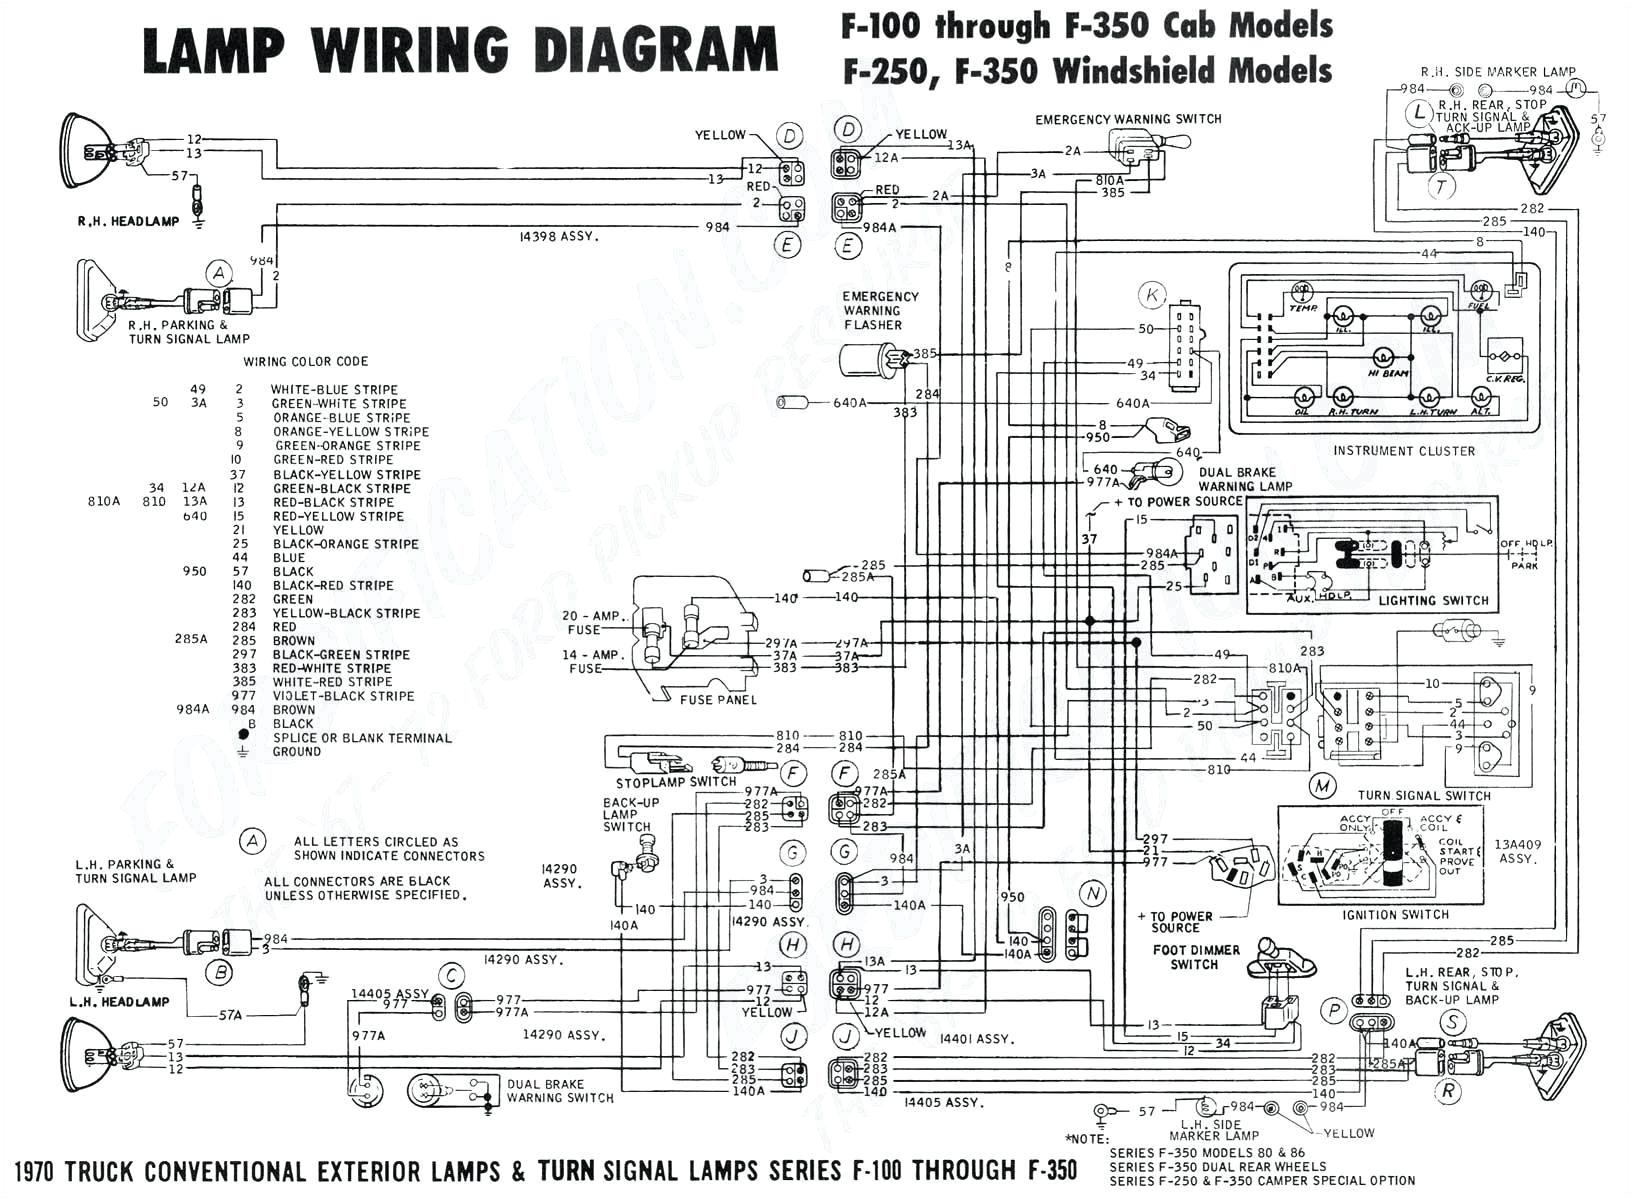 Golf Mk4 Wiring Diagram Pdf Wiring Diagram 2002 F150 Rear End Use Wiring Diagram